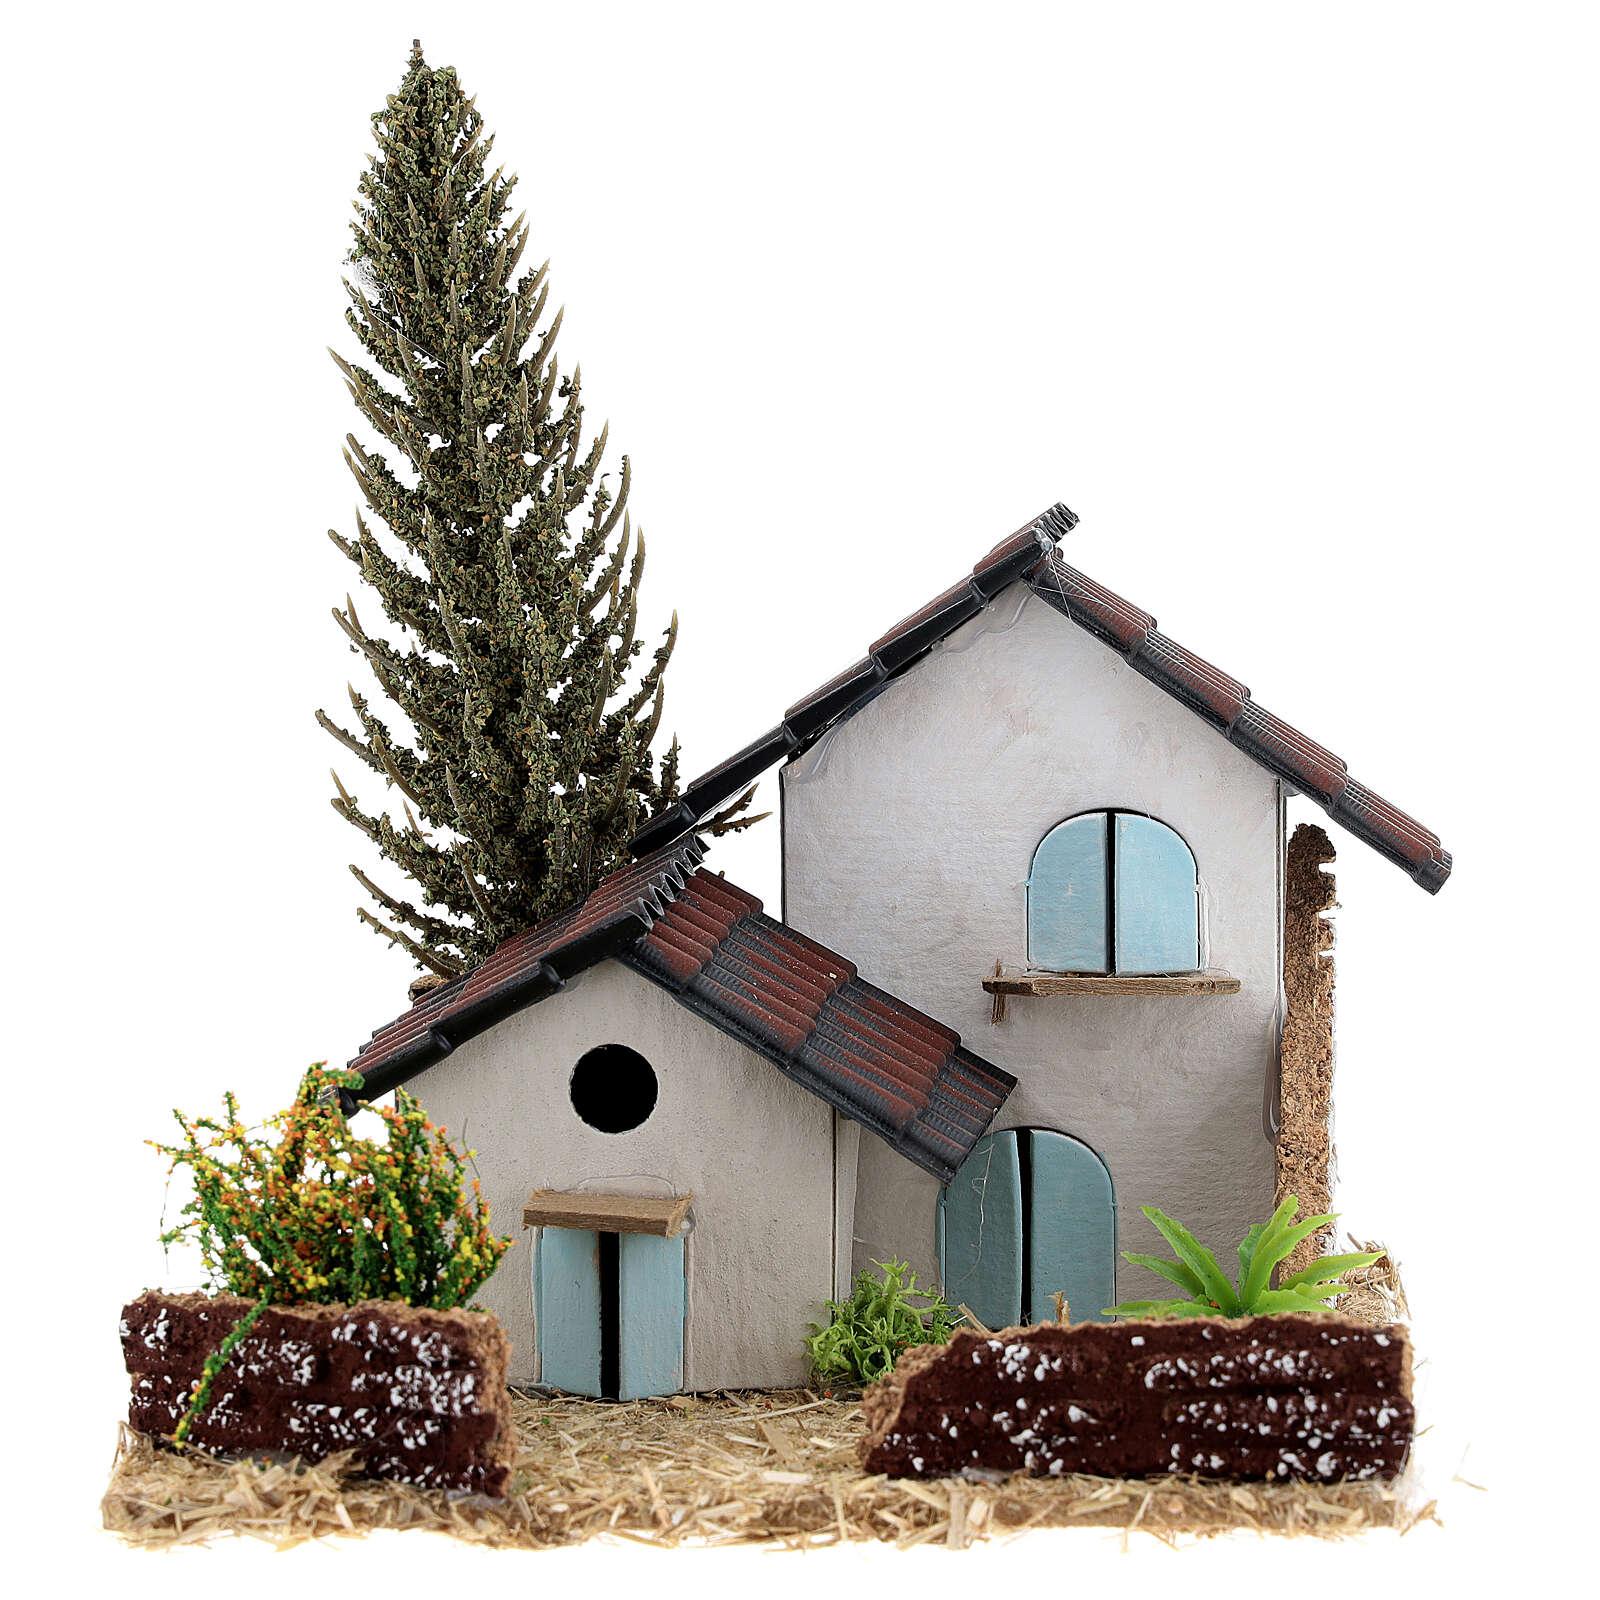 Groupe maisons style provençal 15x15x15 cm 4